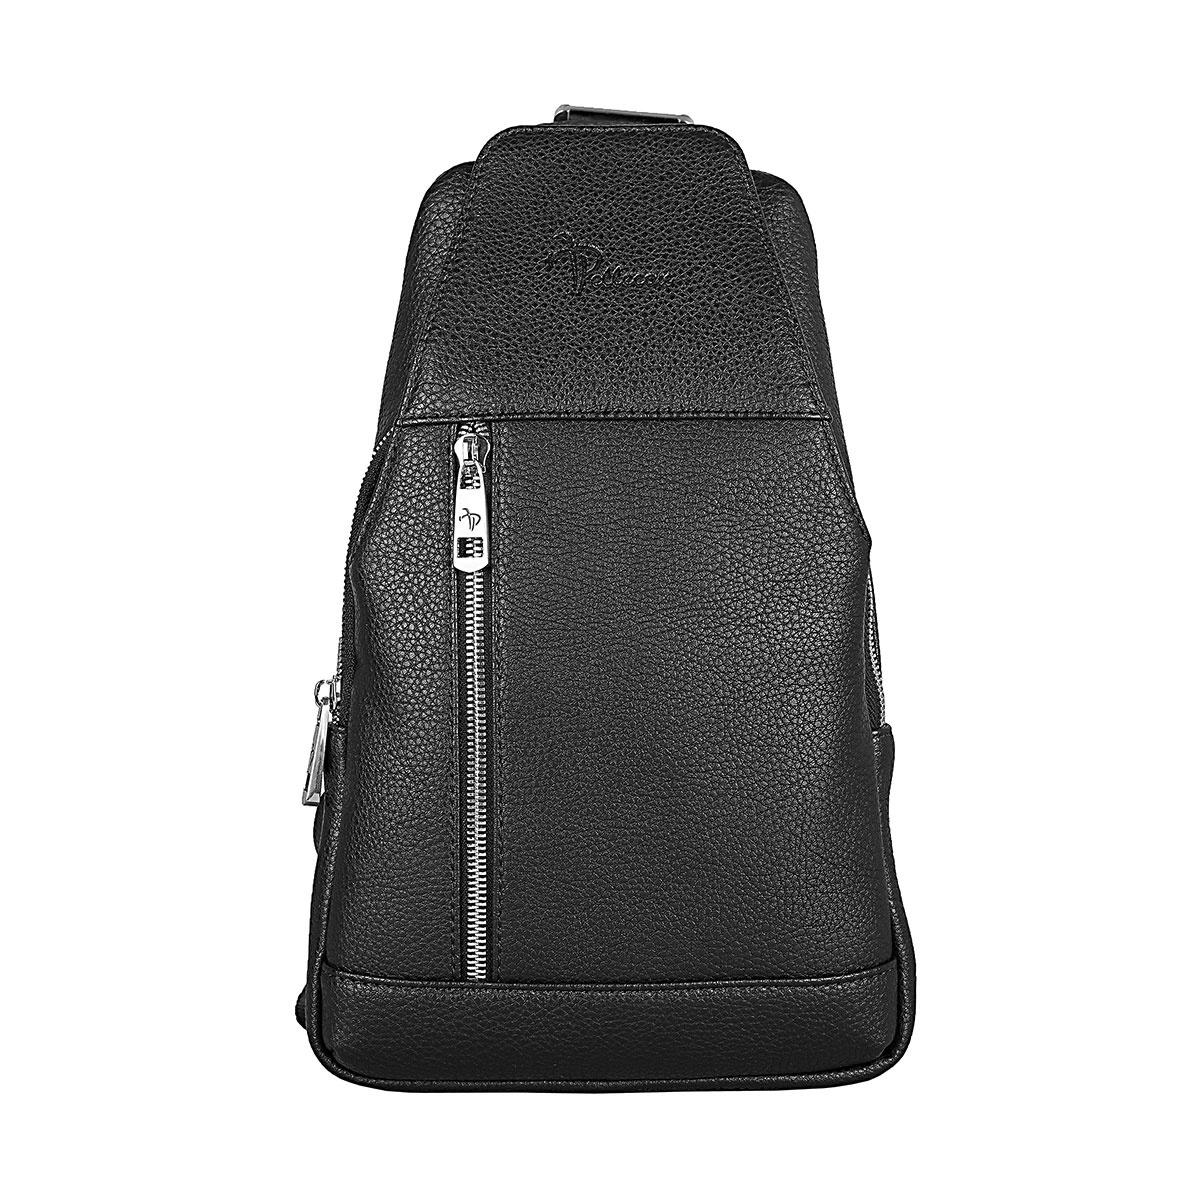 Сумка на плечо Pellecon 812-81614-1, черный цена